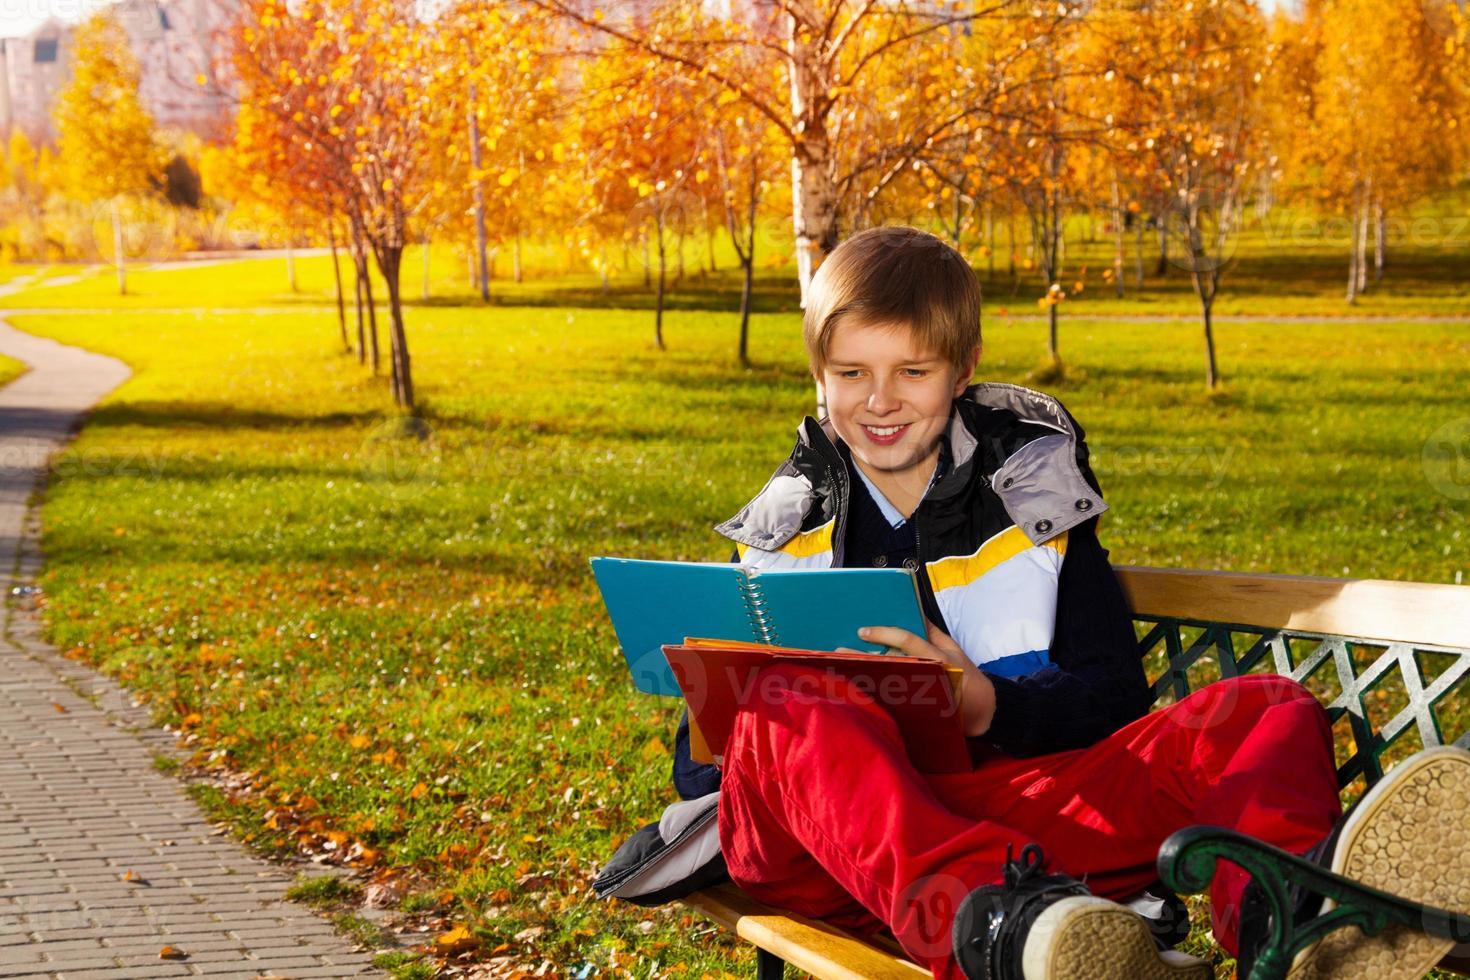 garçon souriant avec manuel photo